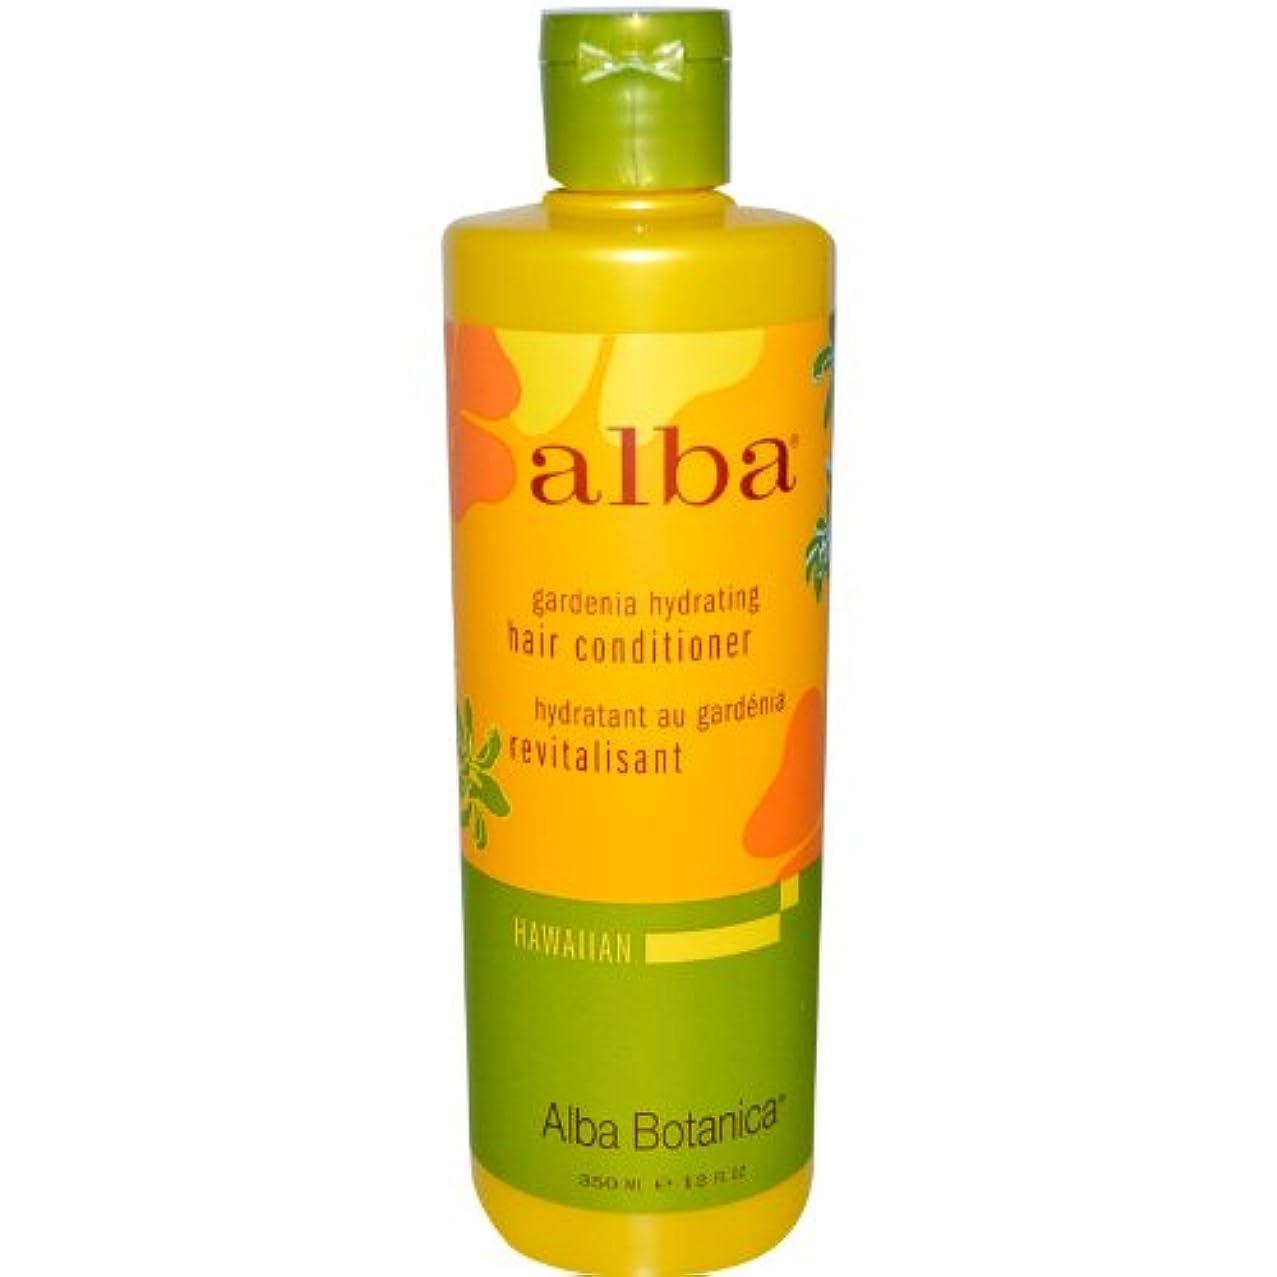 梨保険をかけるボルトAlba Botanica, Gardenia Hydrating Hair Conditioner, 12 fl oz (350 ml)